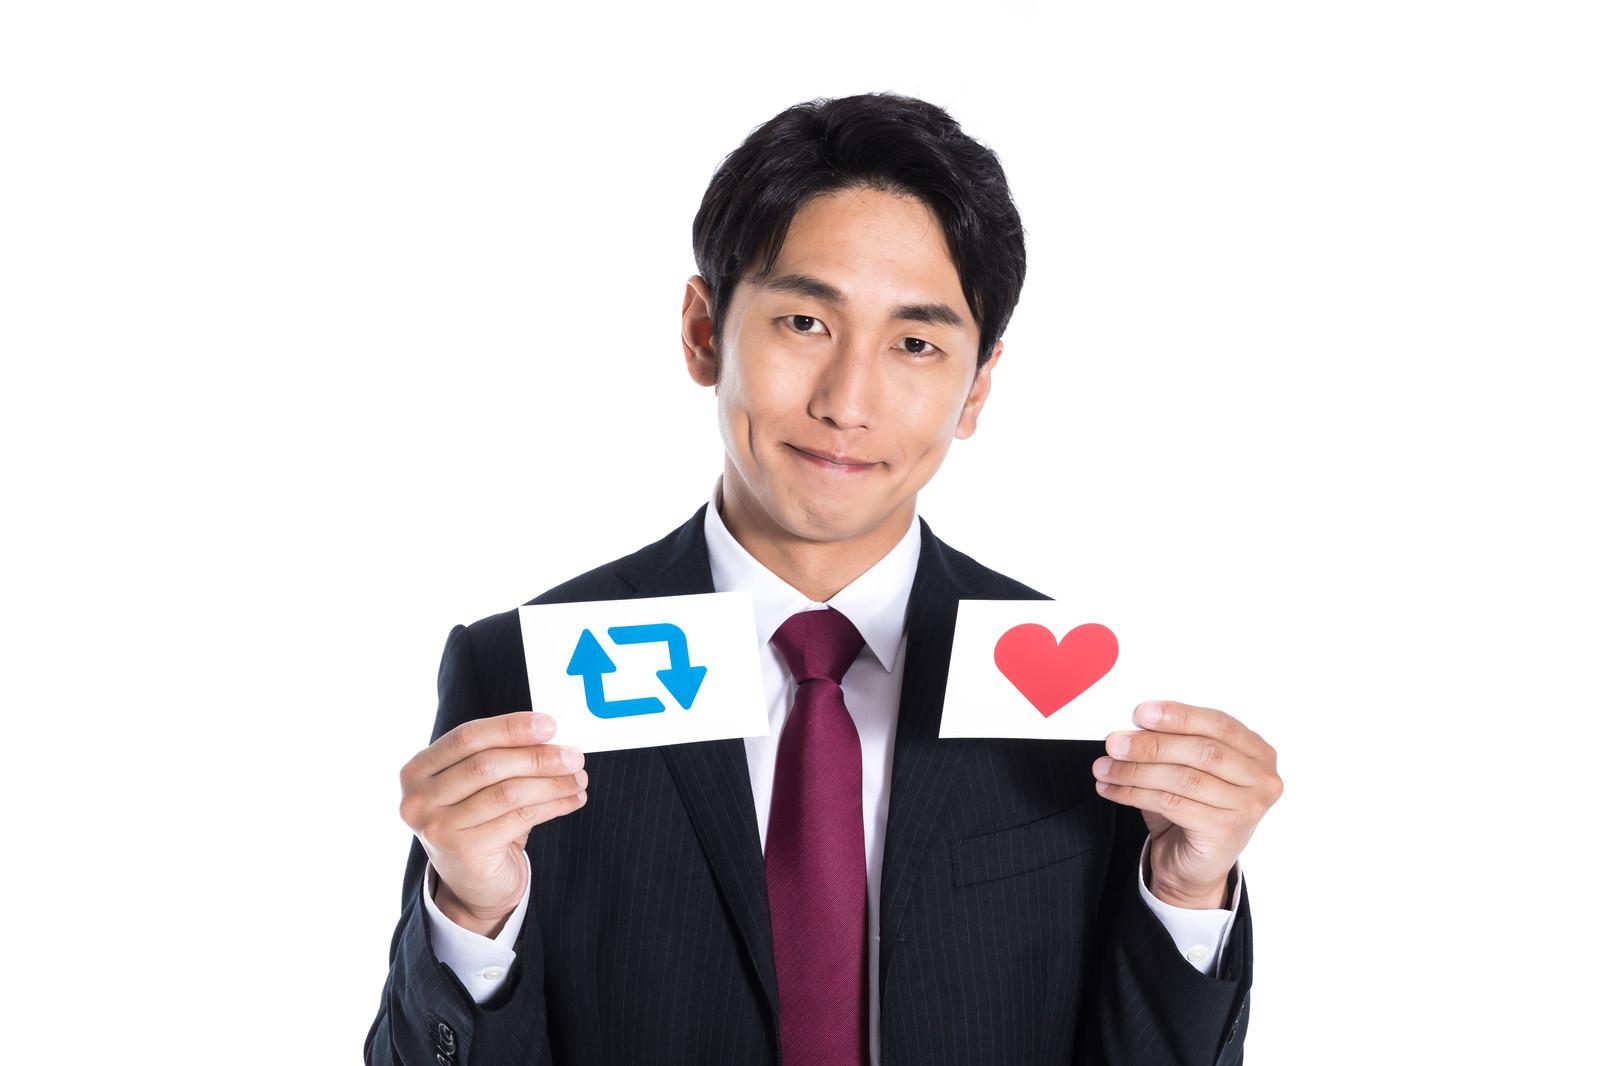 「リツイートといいねマークを持つビジネスマン」の写真[モデル:大川竜弥]